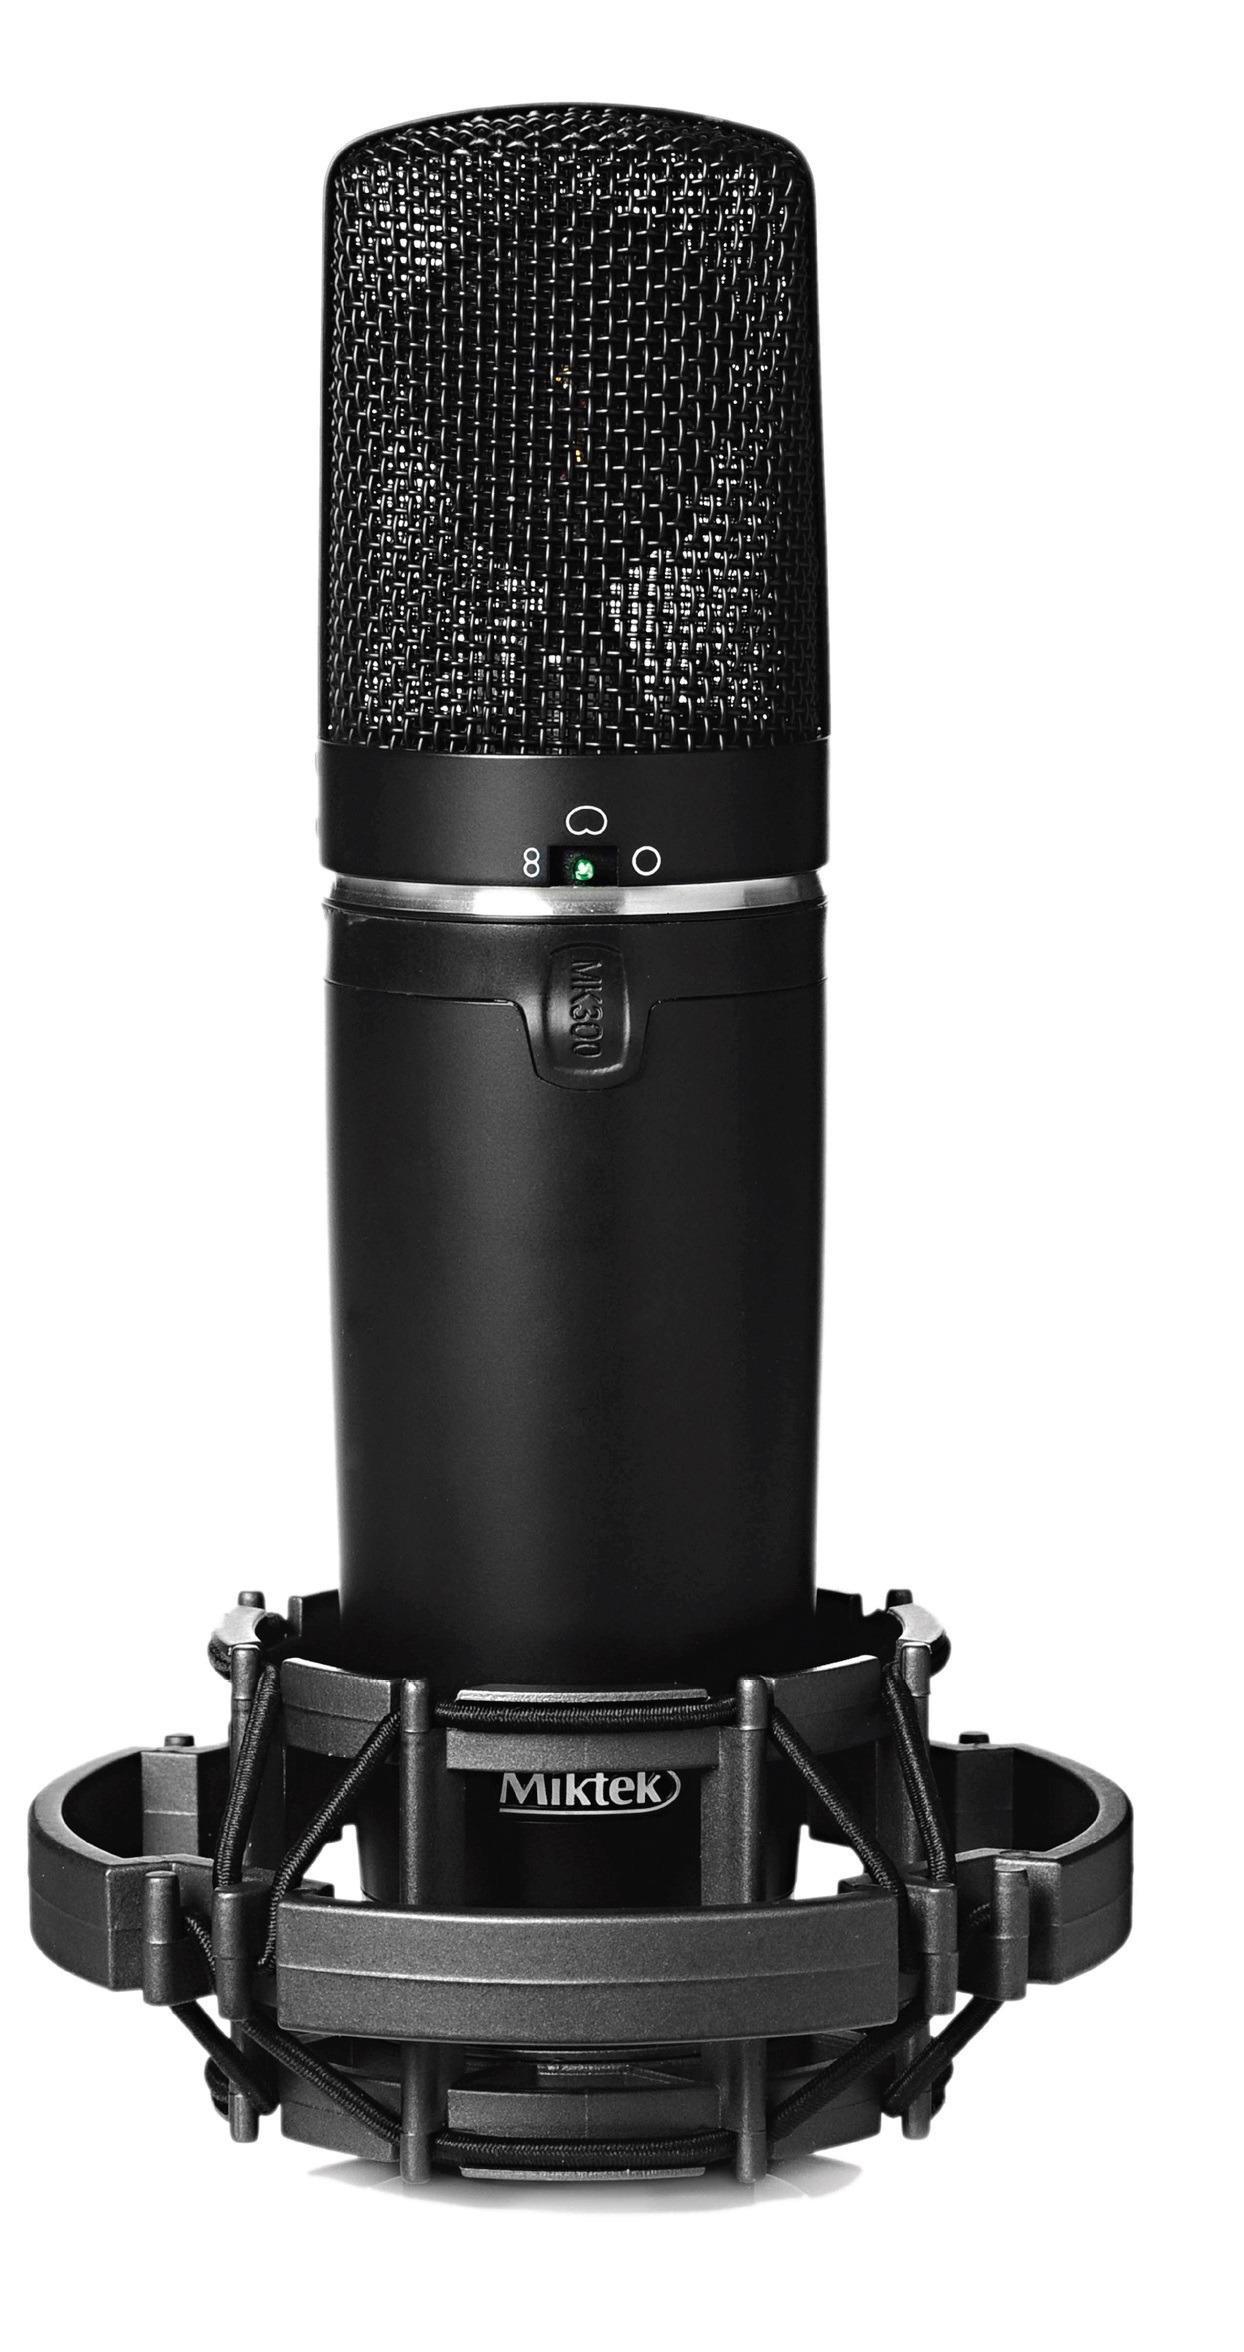 Velkomembránové mikrofony